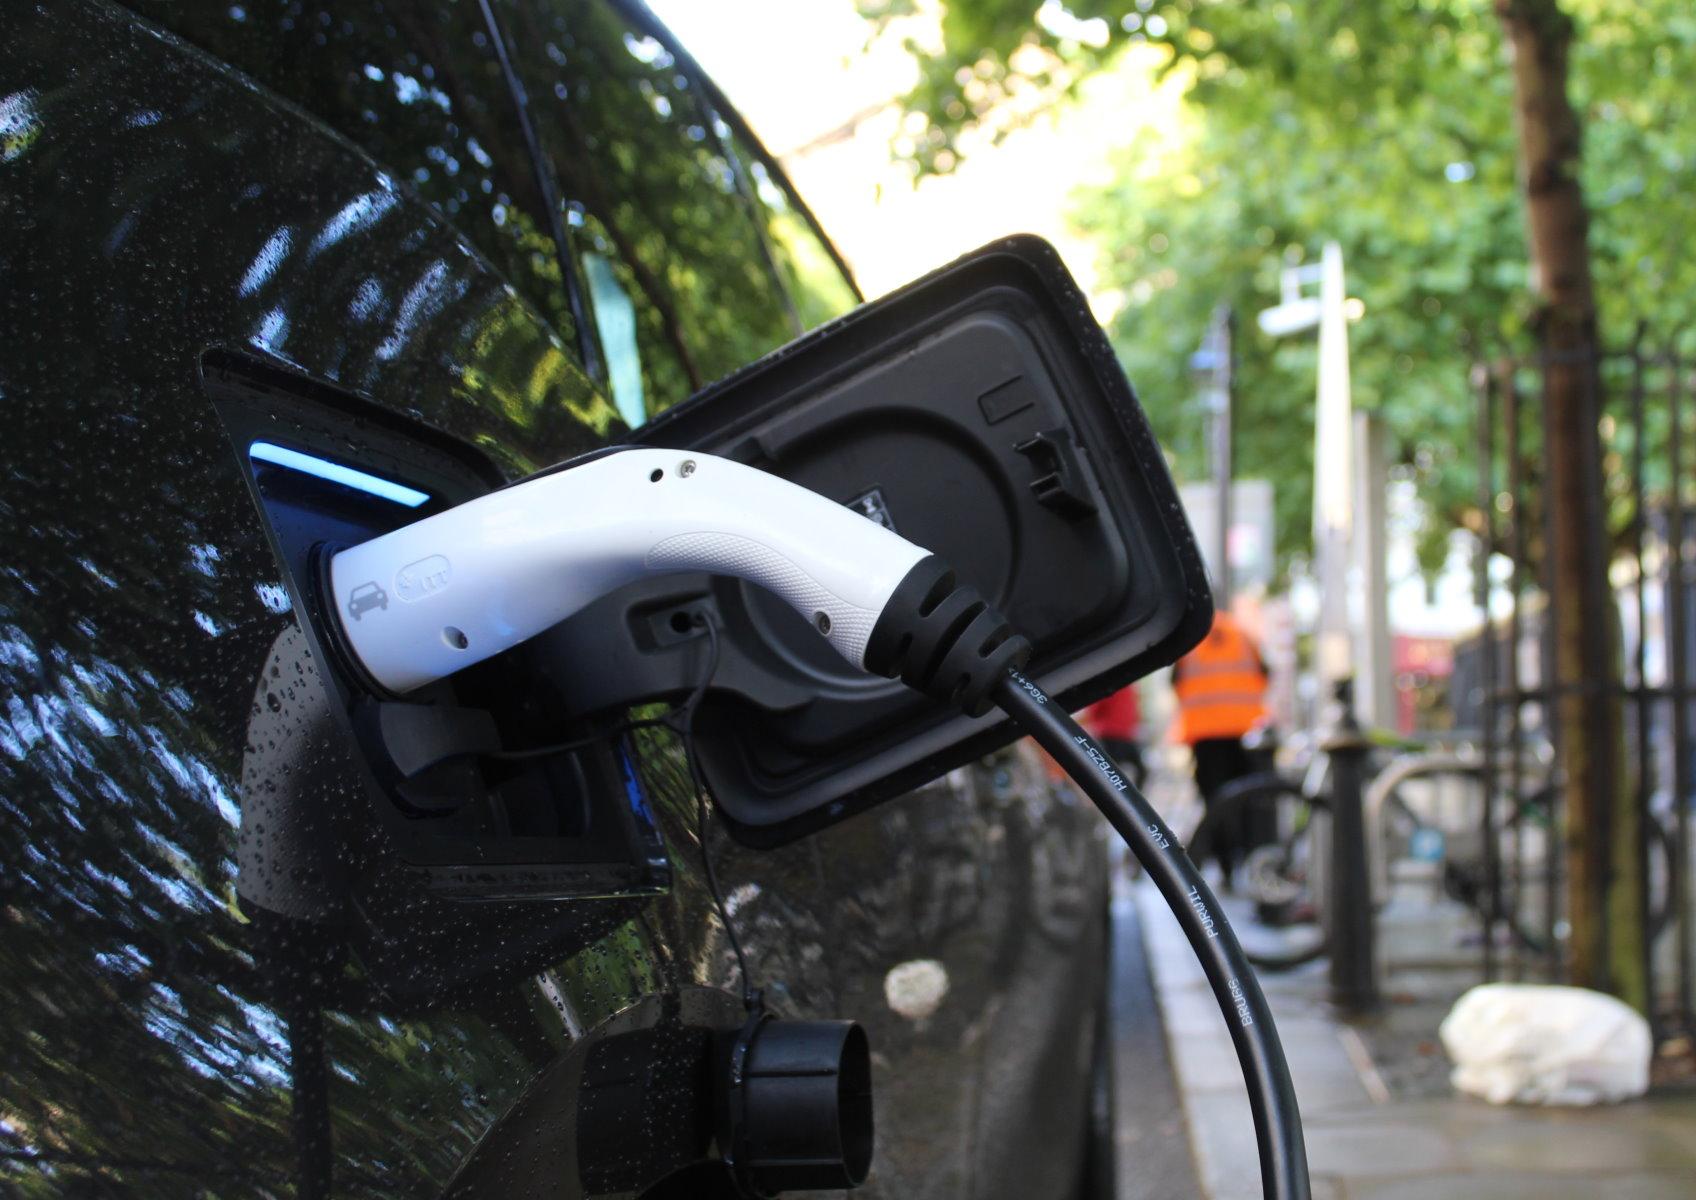 Véhicules électriques : Google Maps vous aide à trouver des prises compatibles